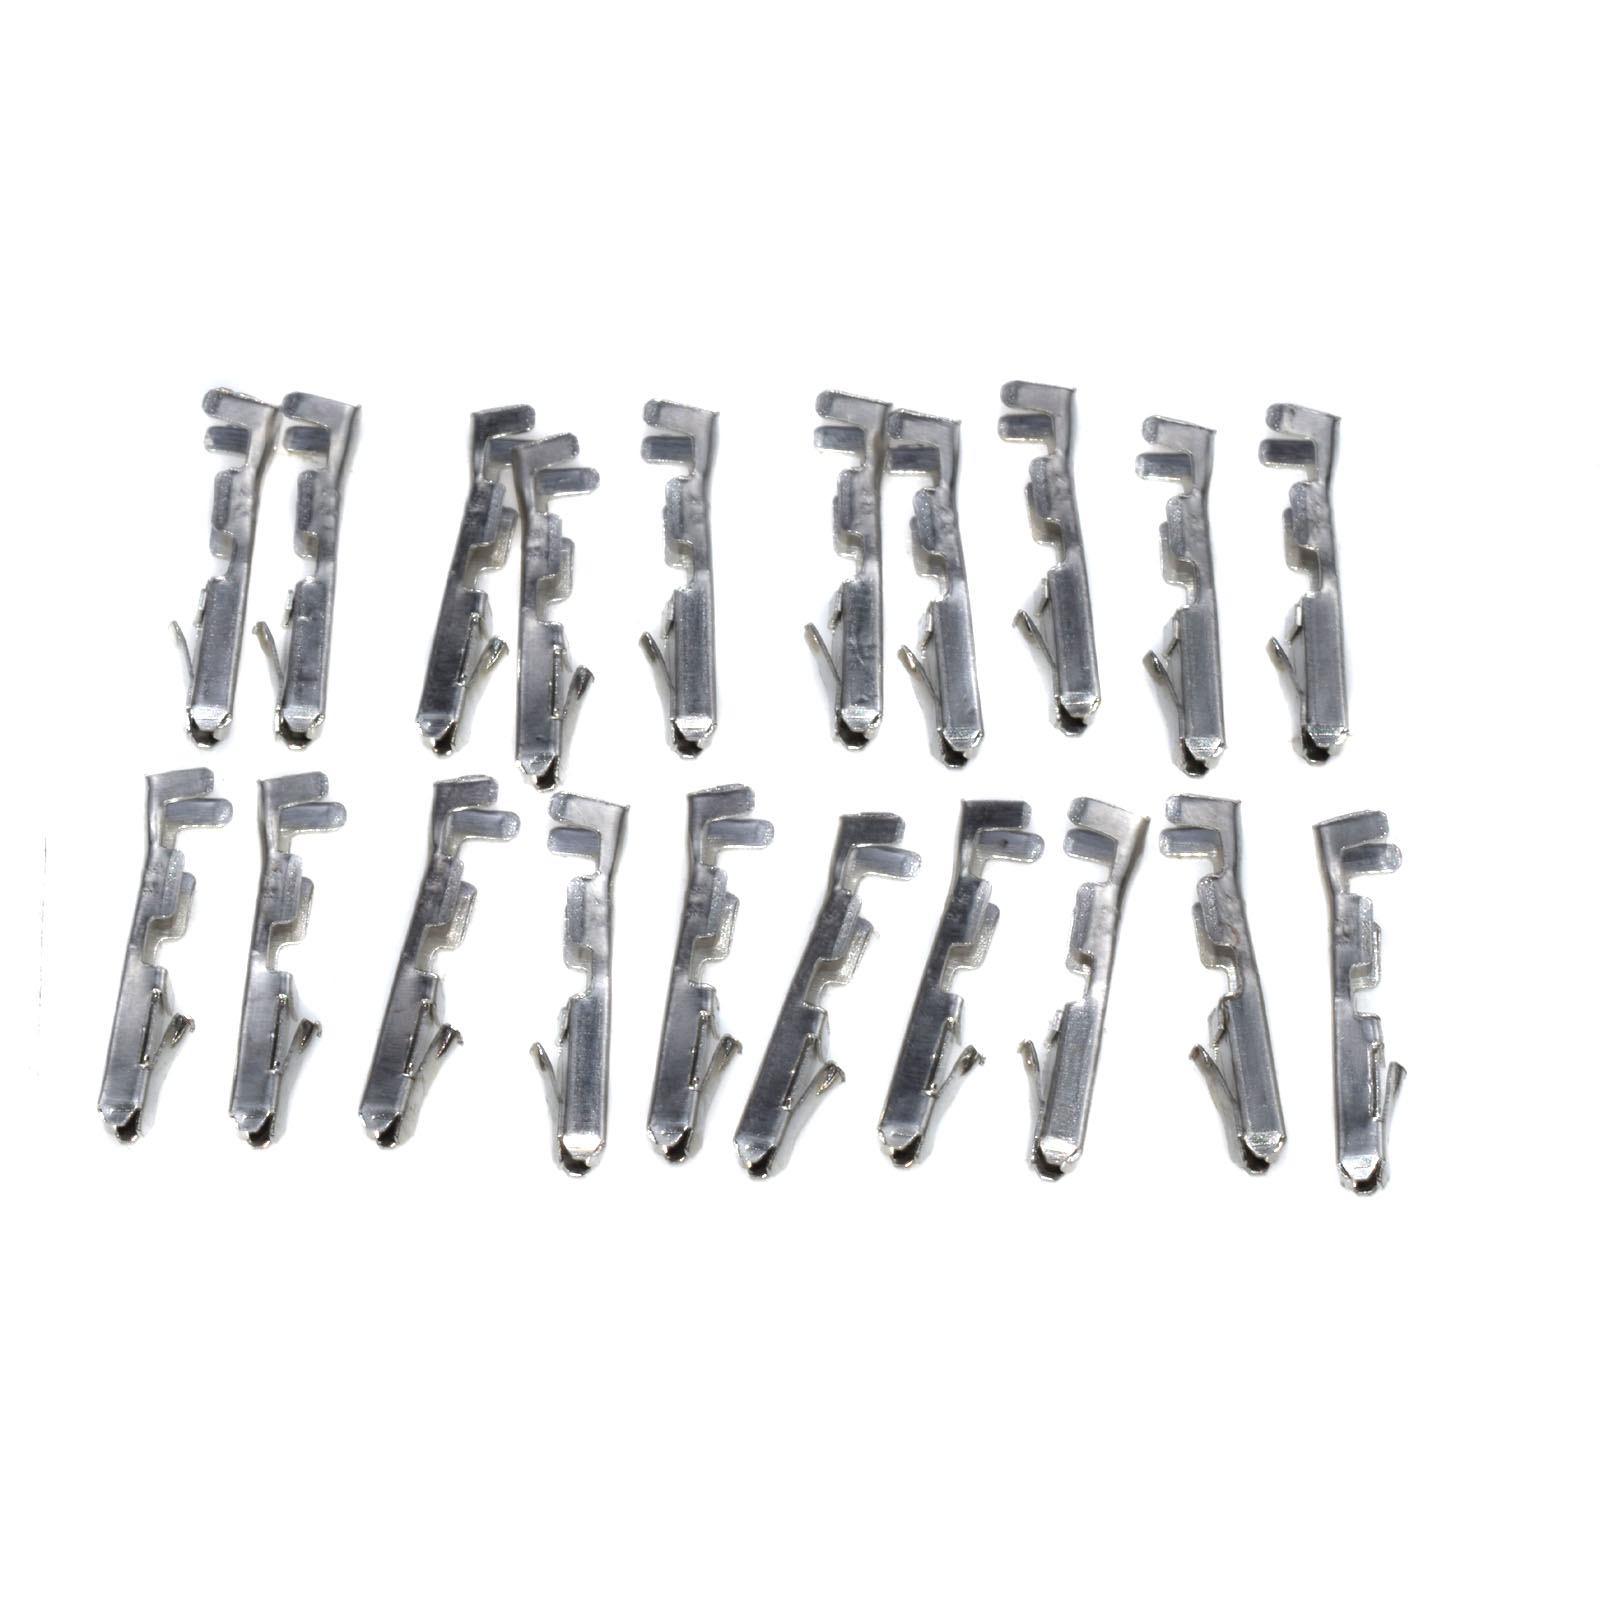 Stecker 2-Polig Reparatursatz Buchsengehäuse für BMW und MINI Cooper